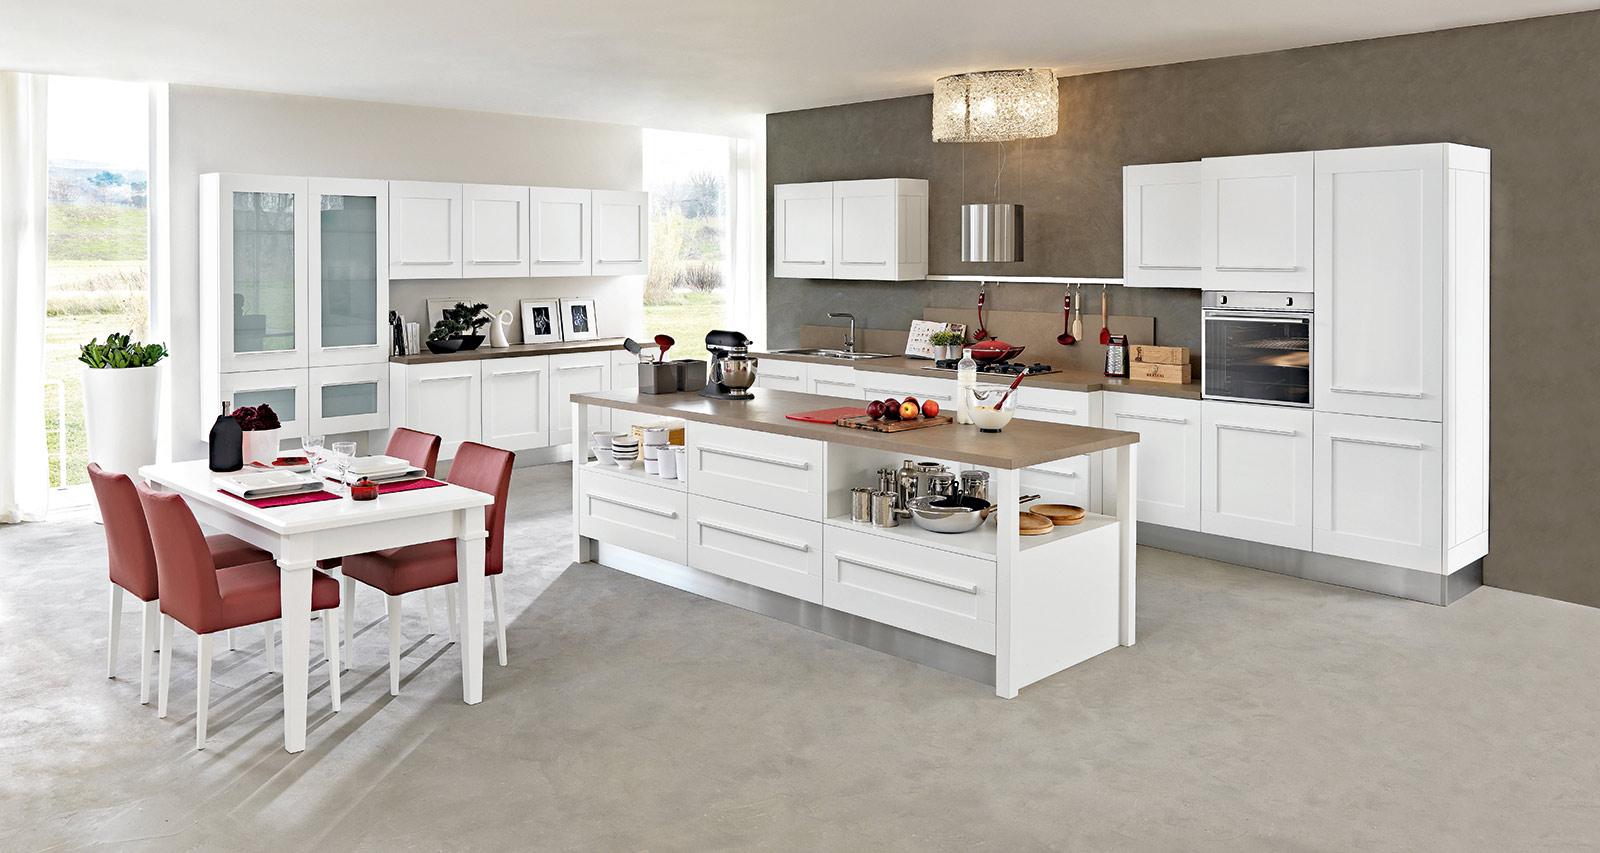 Piastrelle cucina bianca perfect beautiful piastrelle cucina